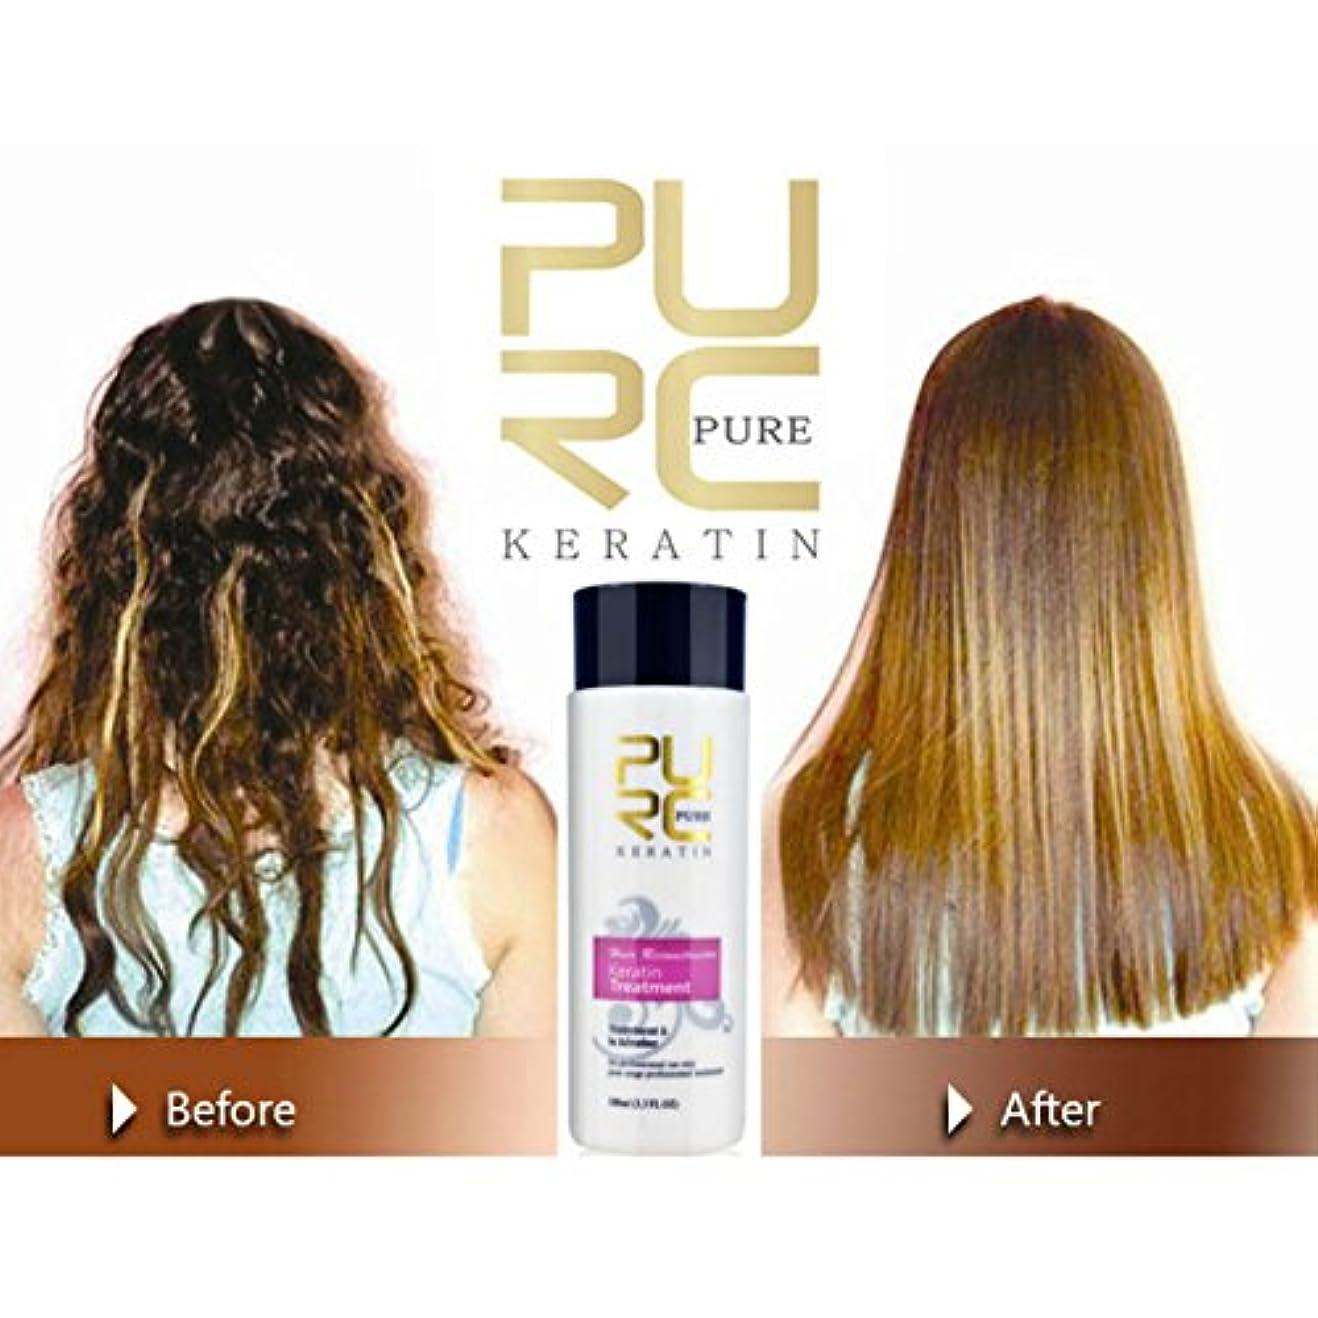 ピッチ迷彩想像する純粋 ブラジル産 ケラチン 毛髪を真っすぐにする手当 ドライヤー乾燥時 100ml